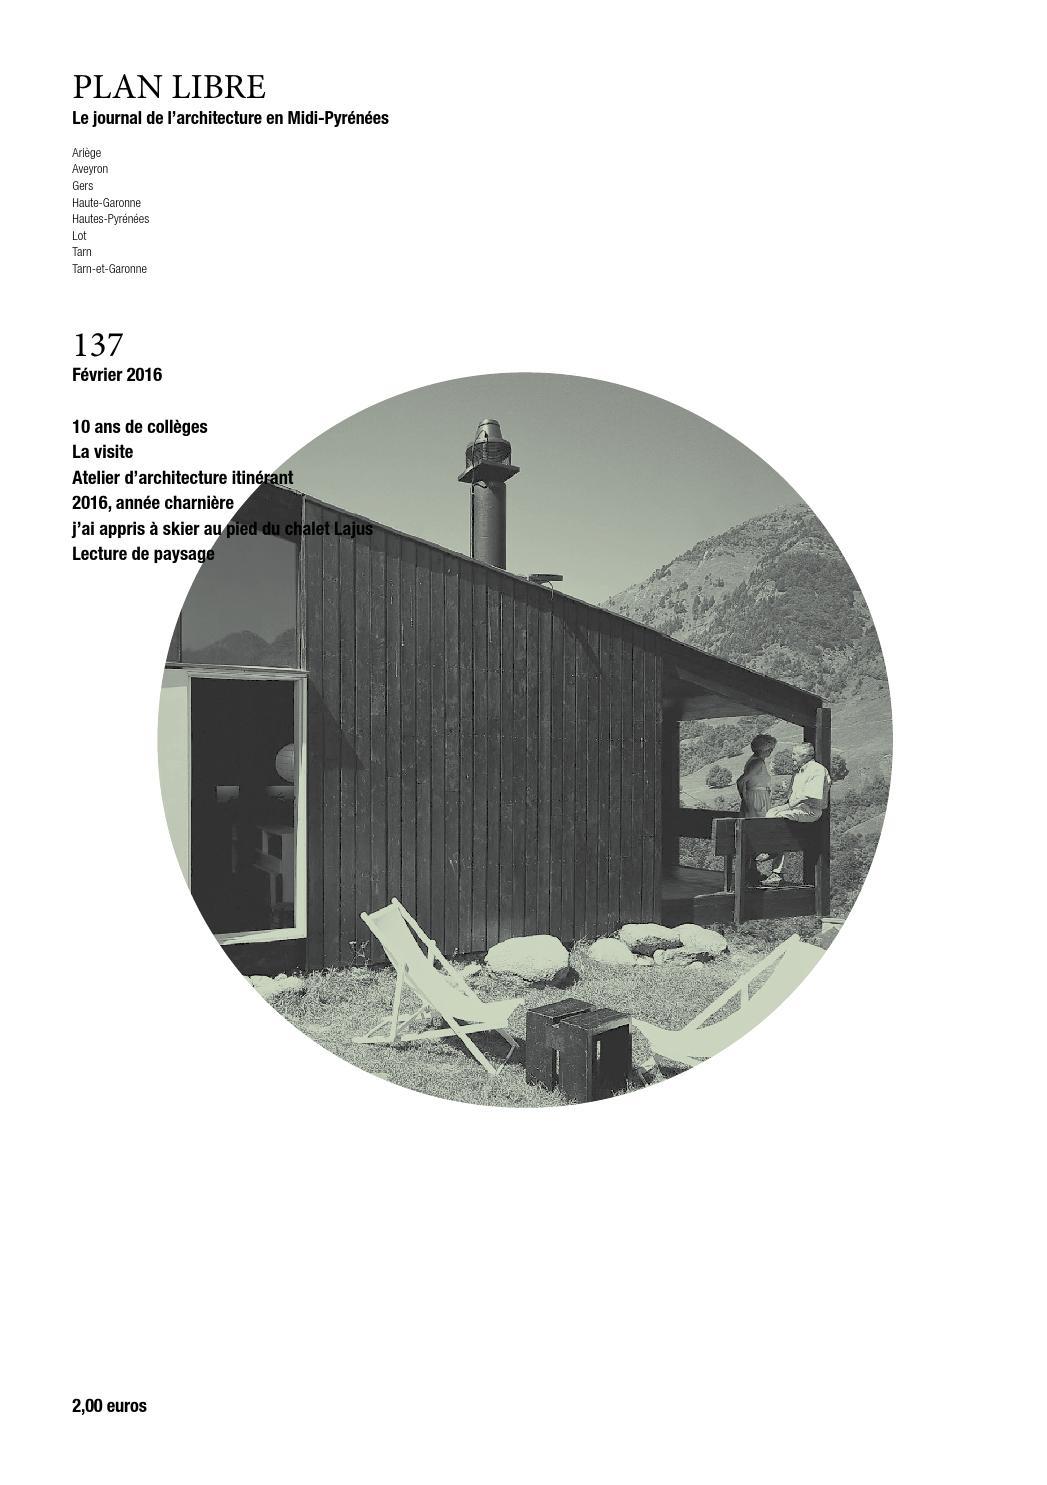 Architecte Paysagiste Midi Pyrénées plan libre 137 - février 2016maison de l'architecture